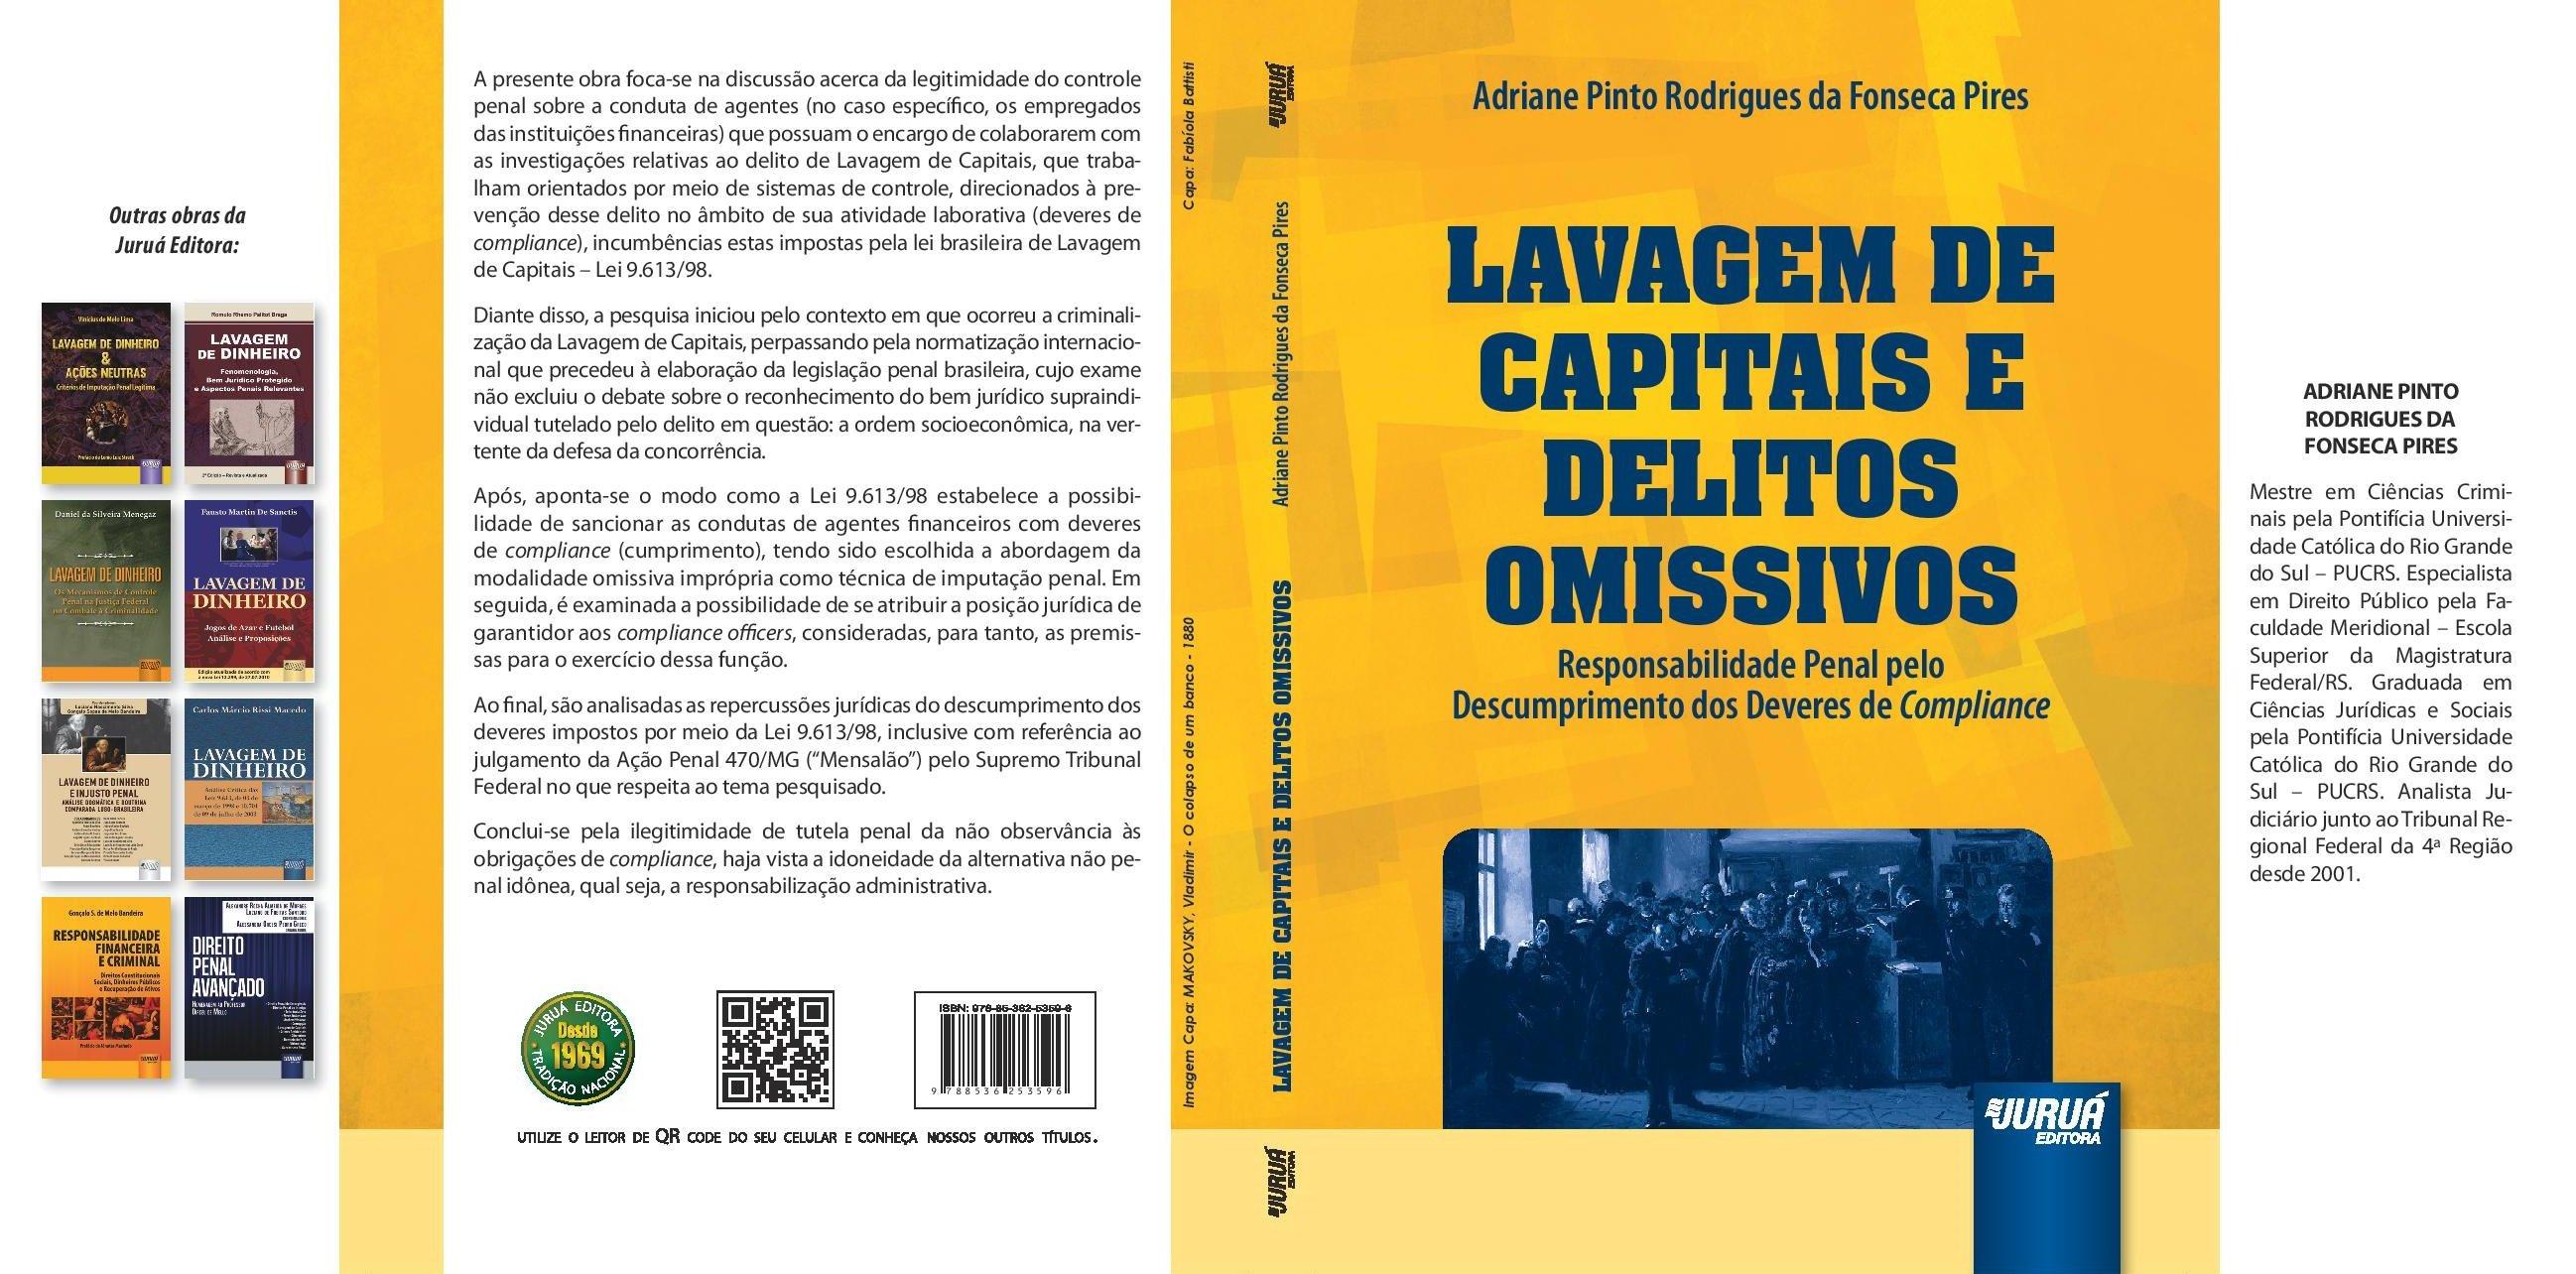 """Lançamento da obra """"Lavagem de capitais e delitos omissivos"""""""